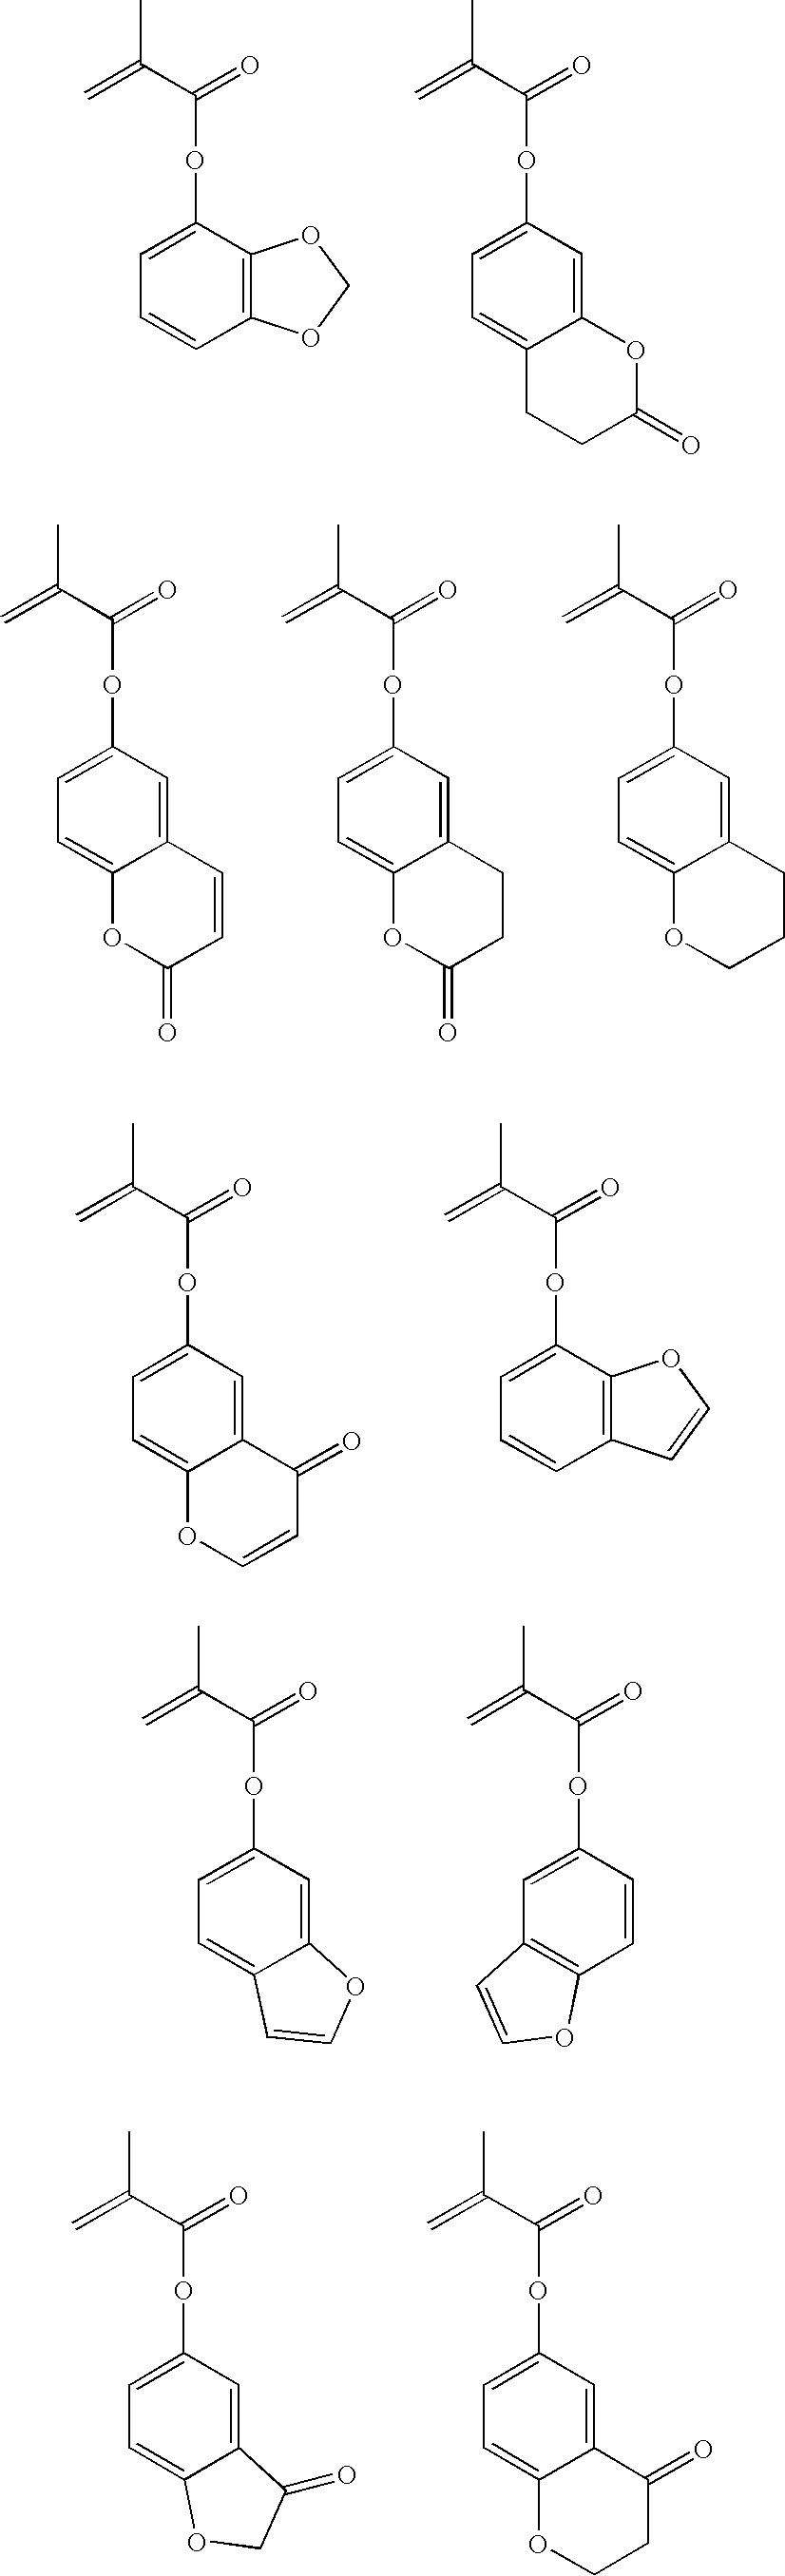 Figure US20100178617A1-20100715-C00044